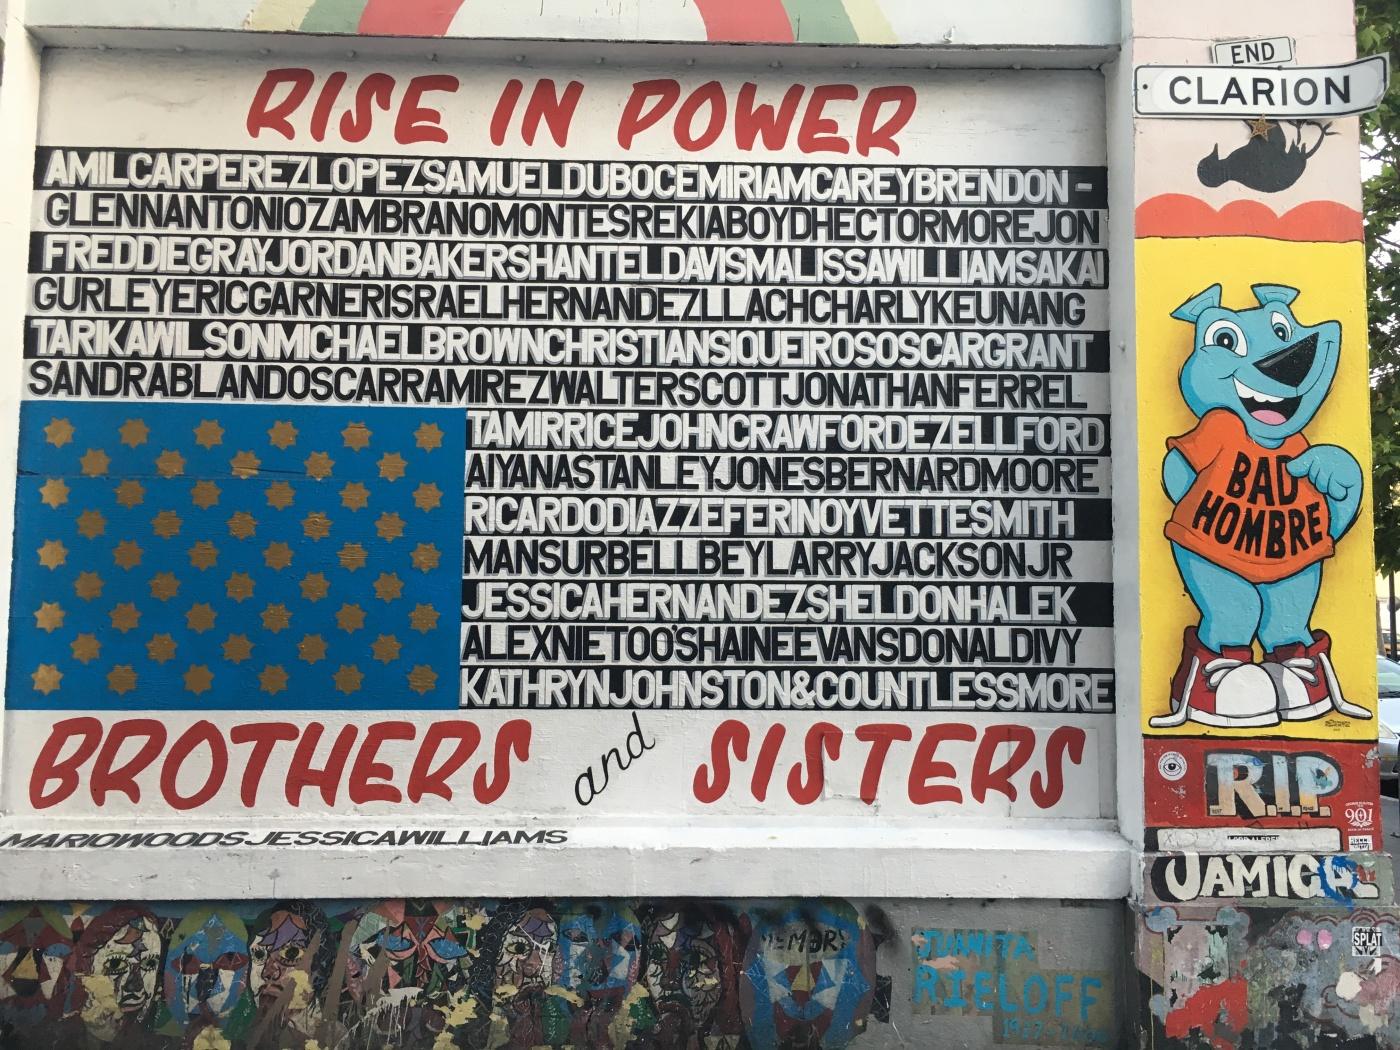 riseinpower